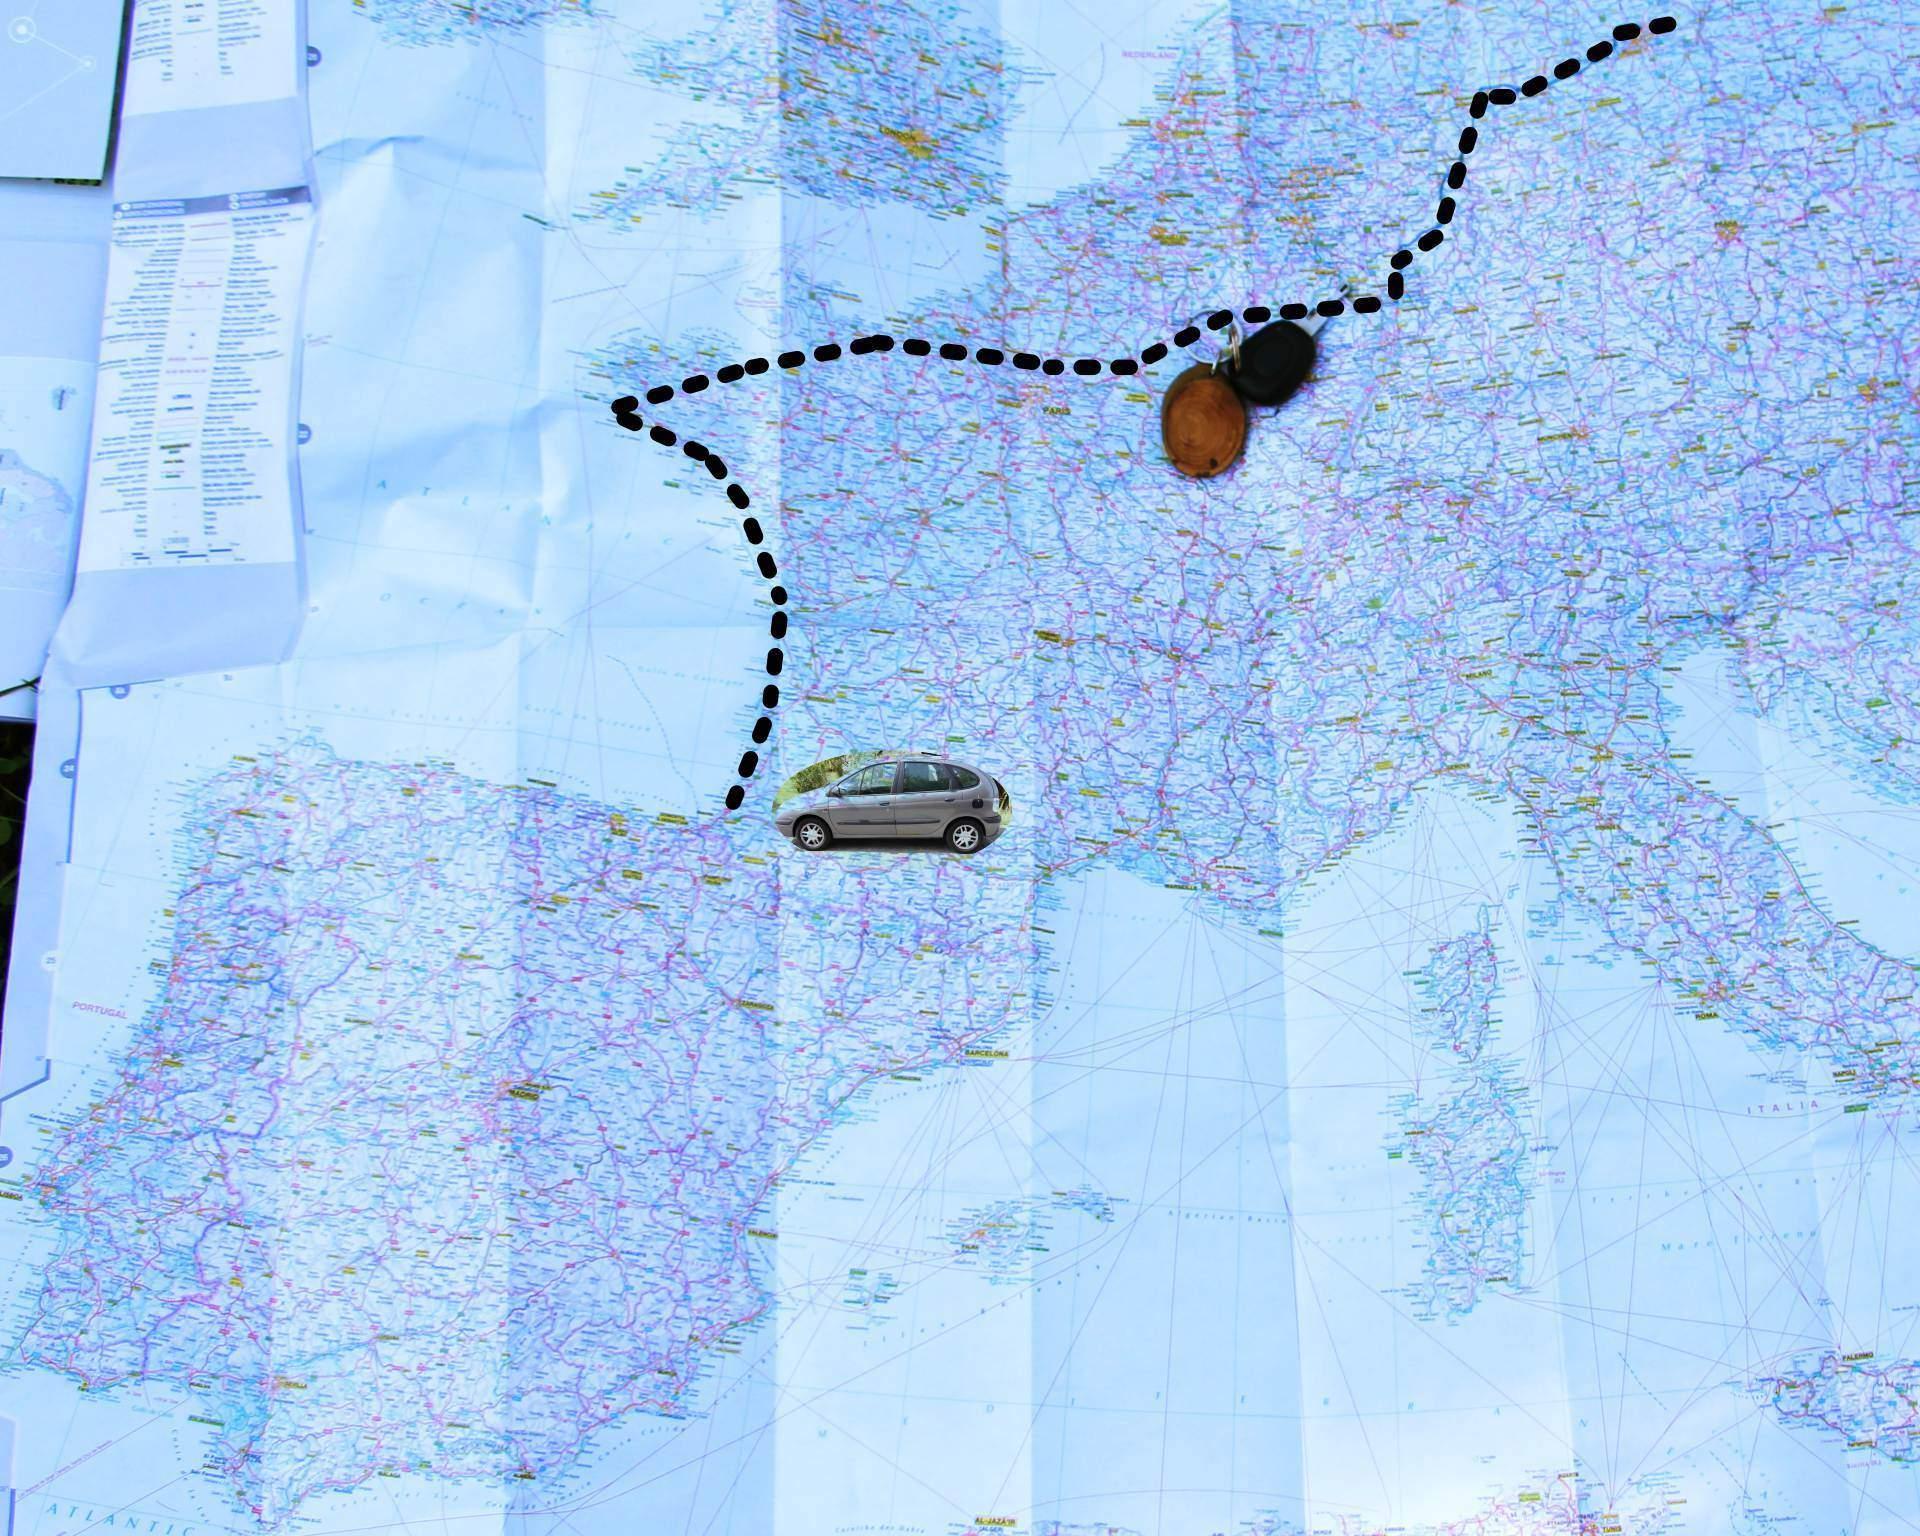 5. Etappe: Bassin d´Archachon nach Seignosse